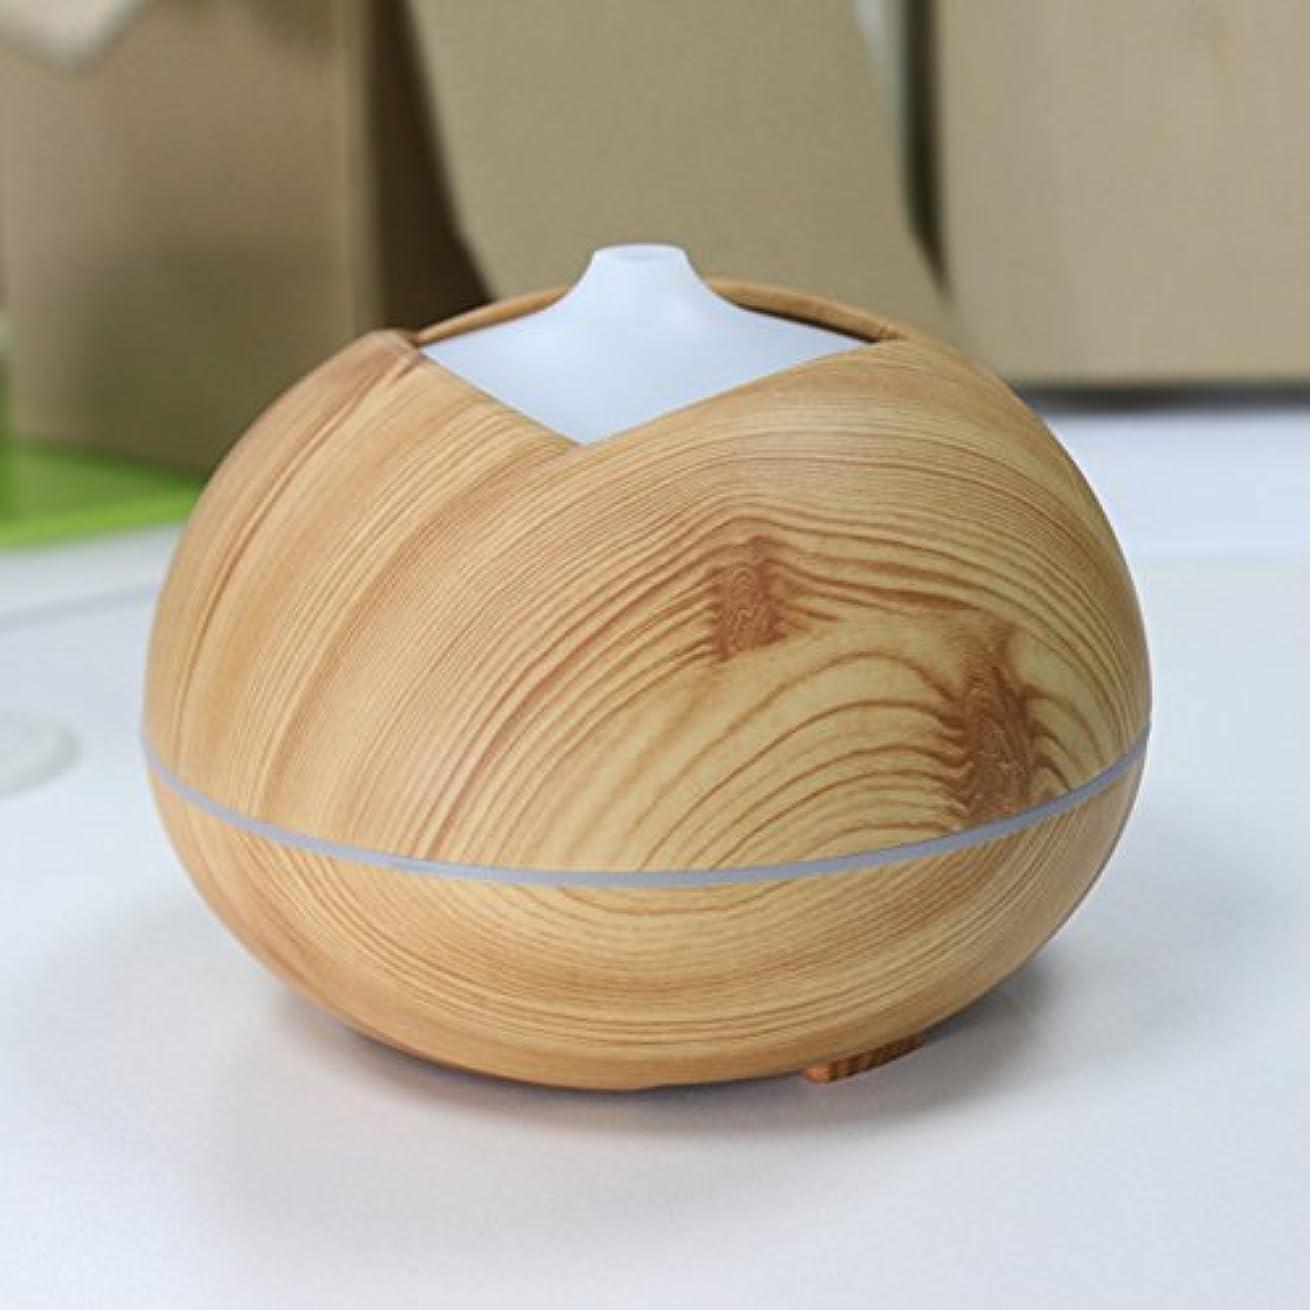 抵当虐待樫の木Yiding加湿器木製カラーCool Mist超音波アロマEssential Oil Diffuser for Officeホームベッドルーム